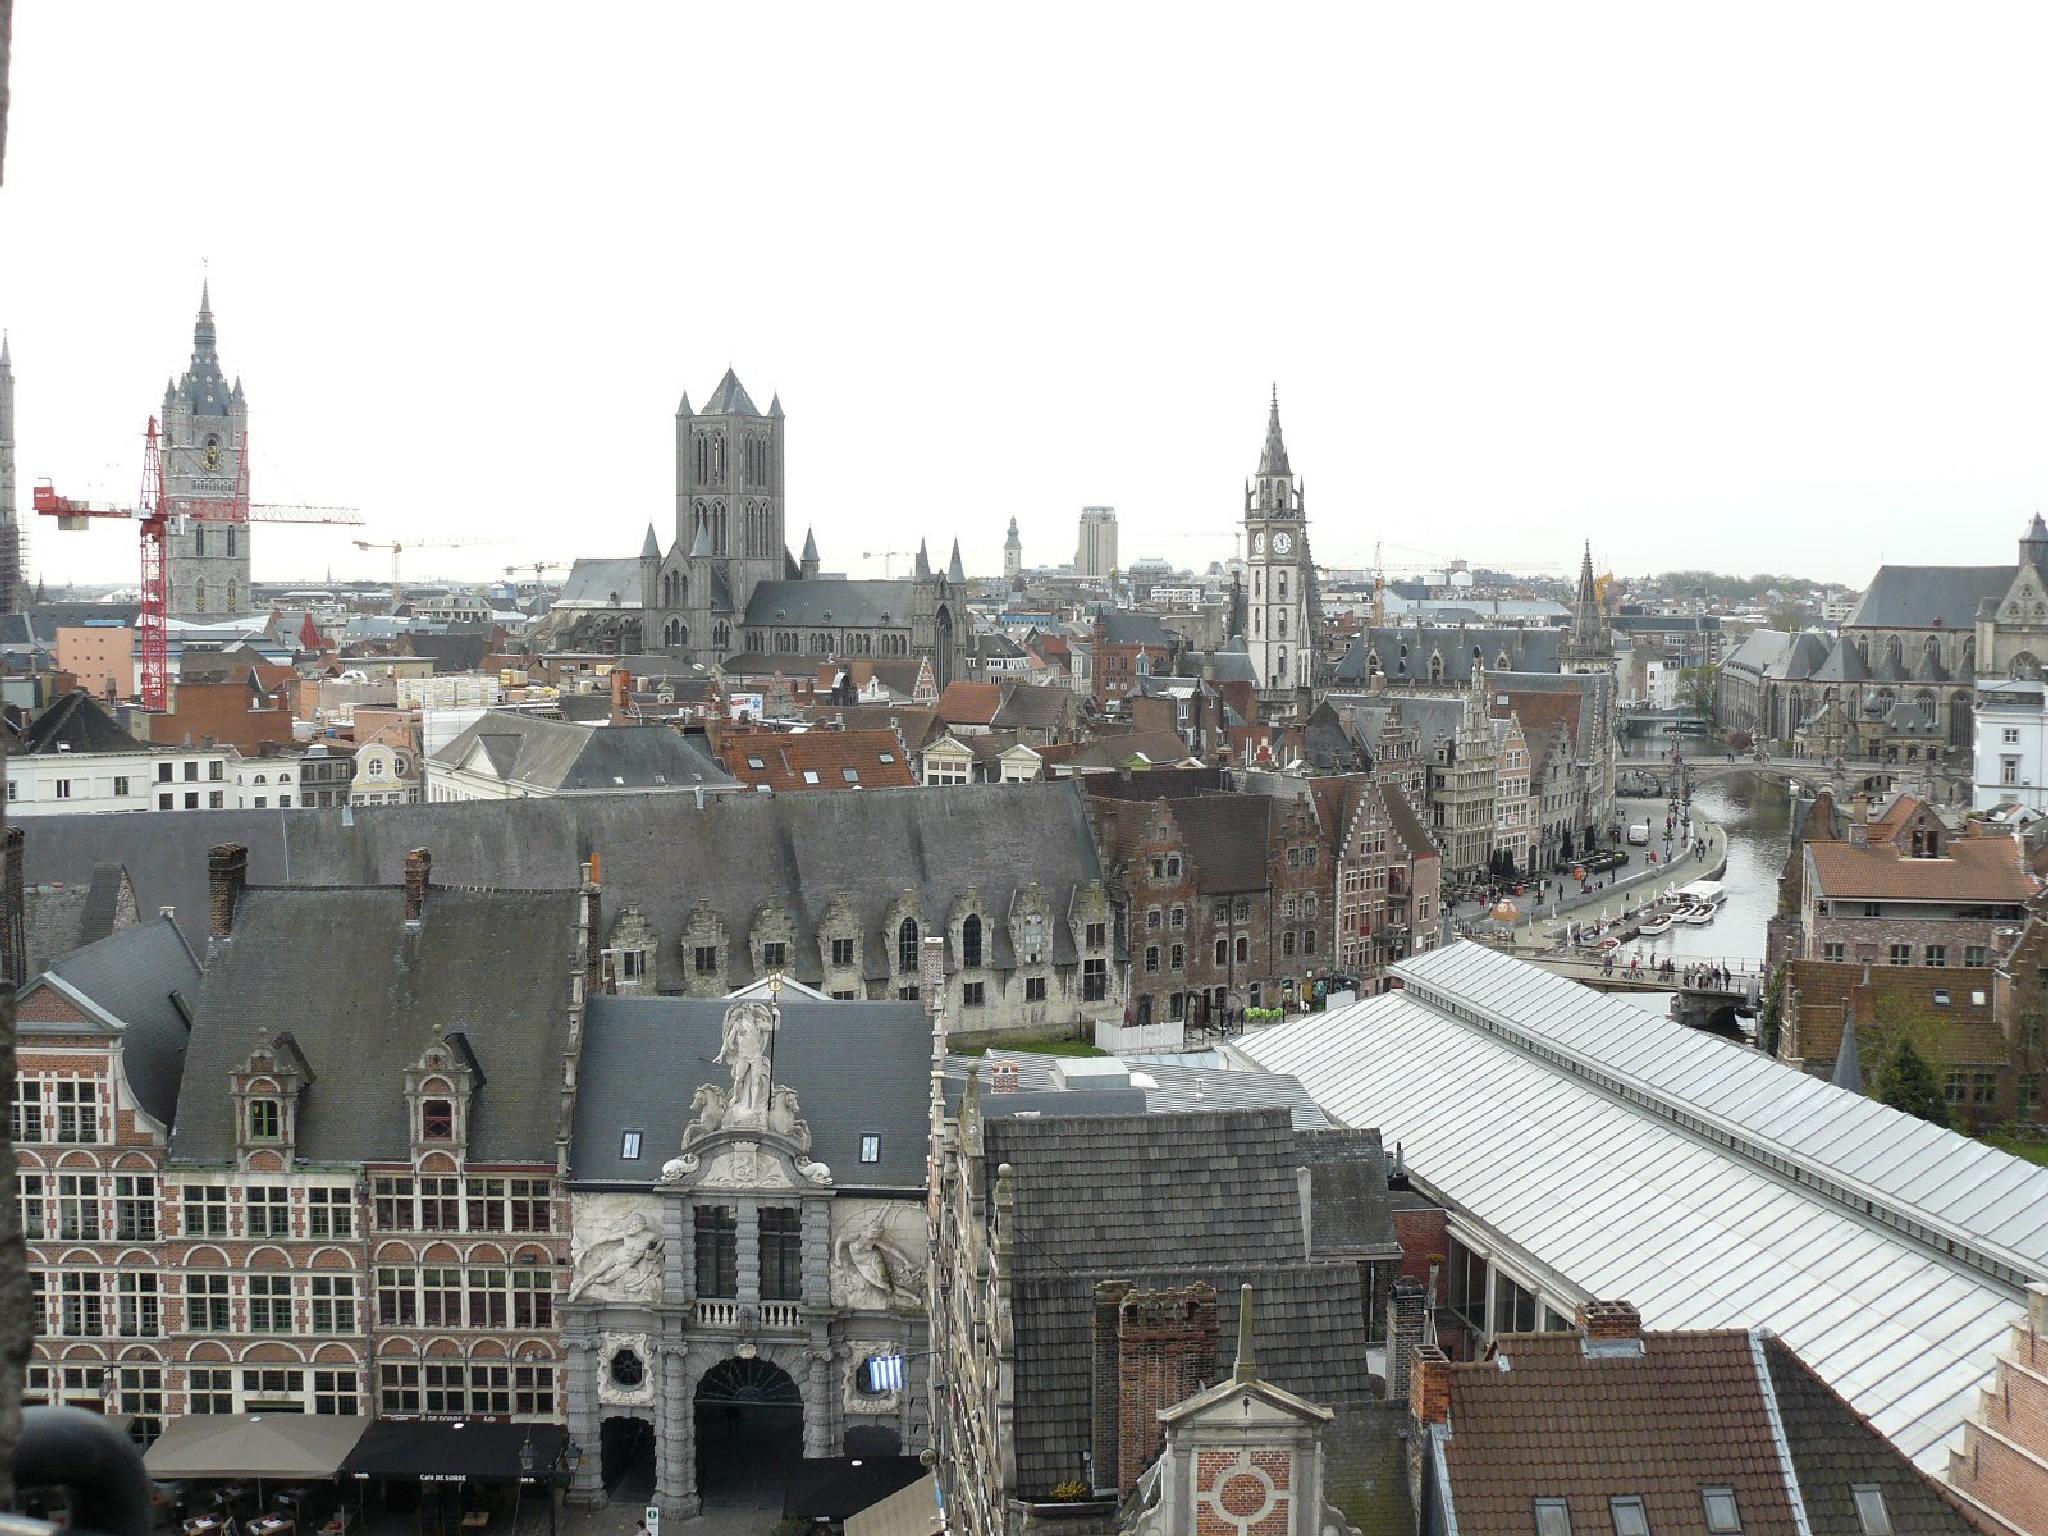 Ghent, Belgium by yankeebiscuitfan